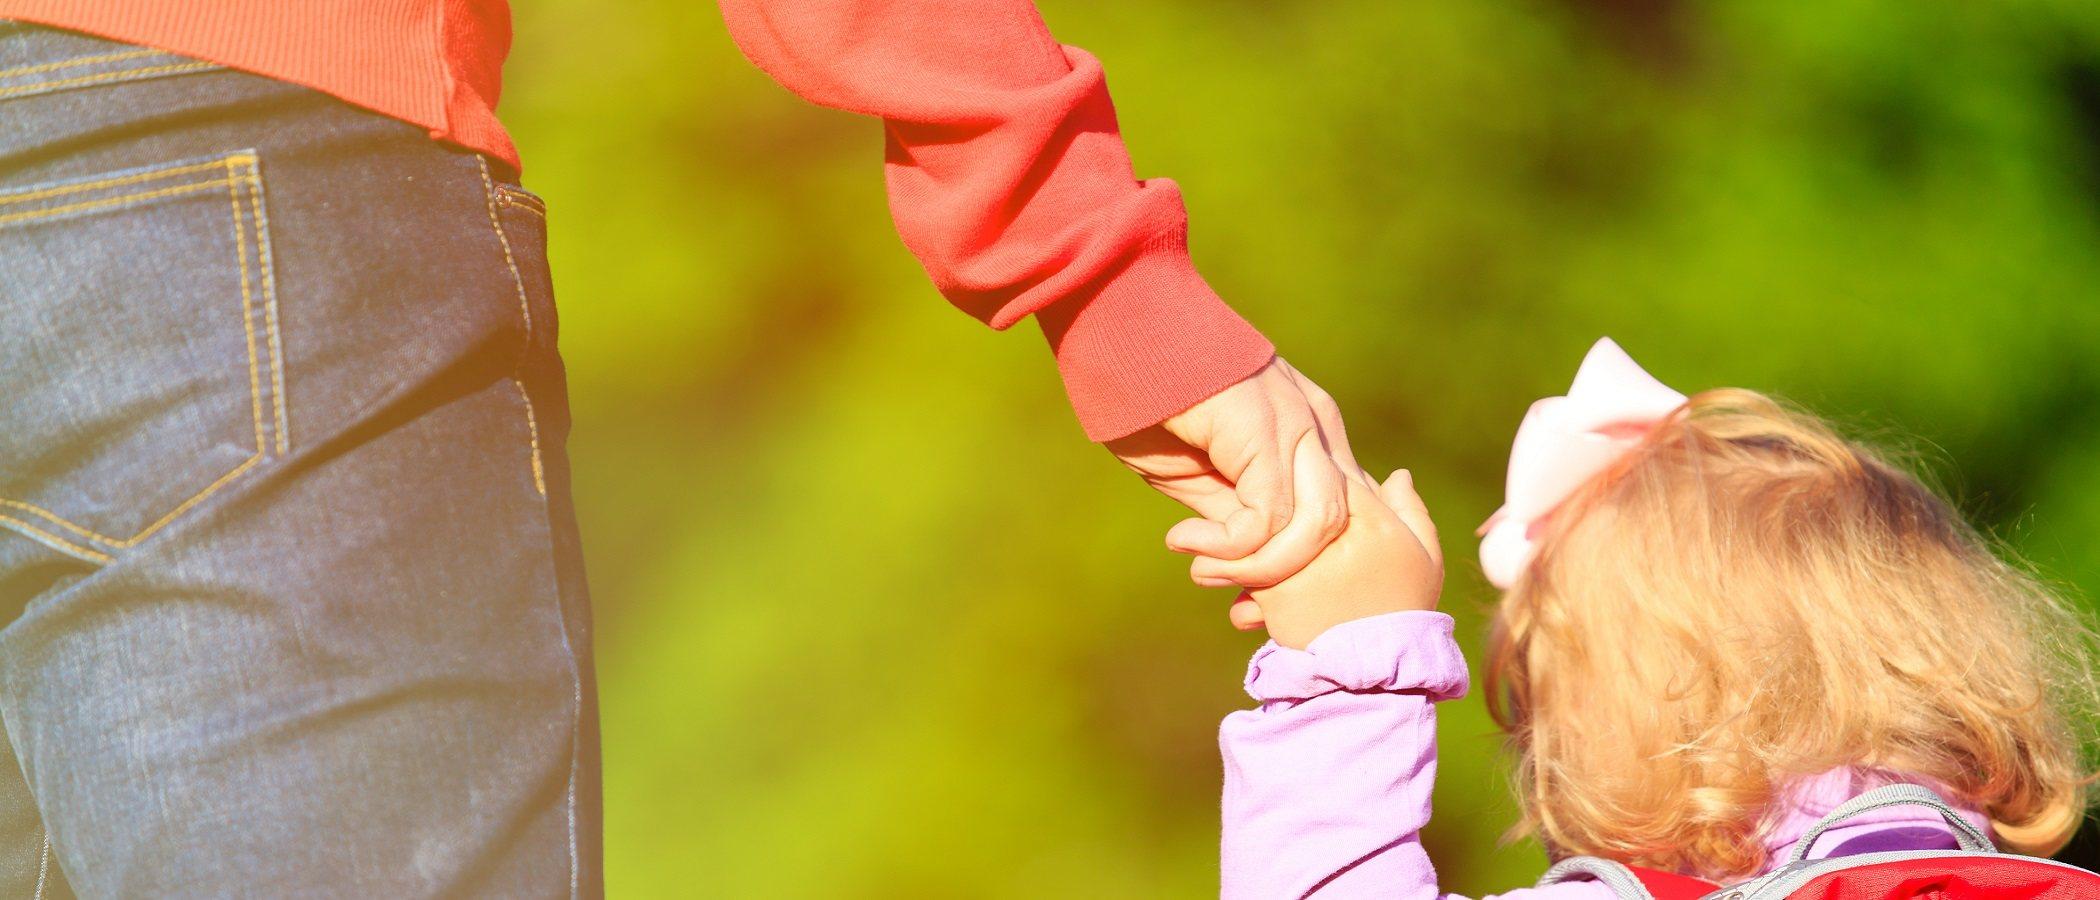 Hijo adoptado: cómo hacerle feliz a tu lado